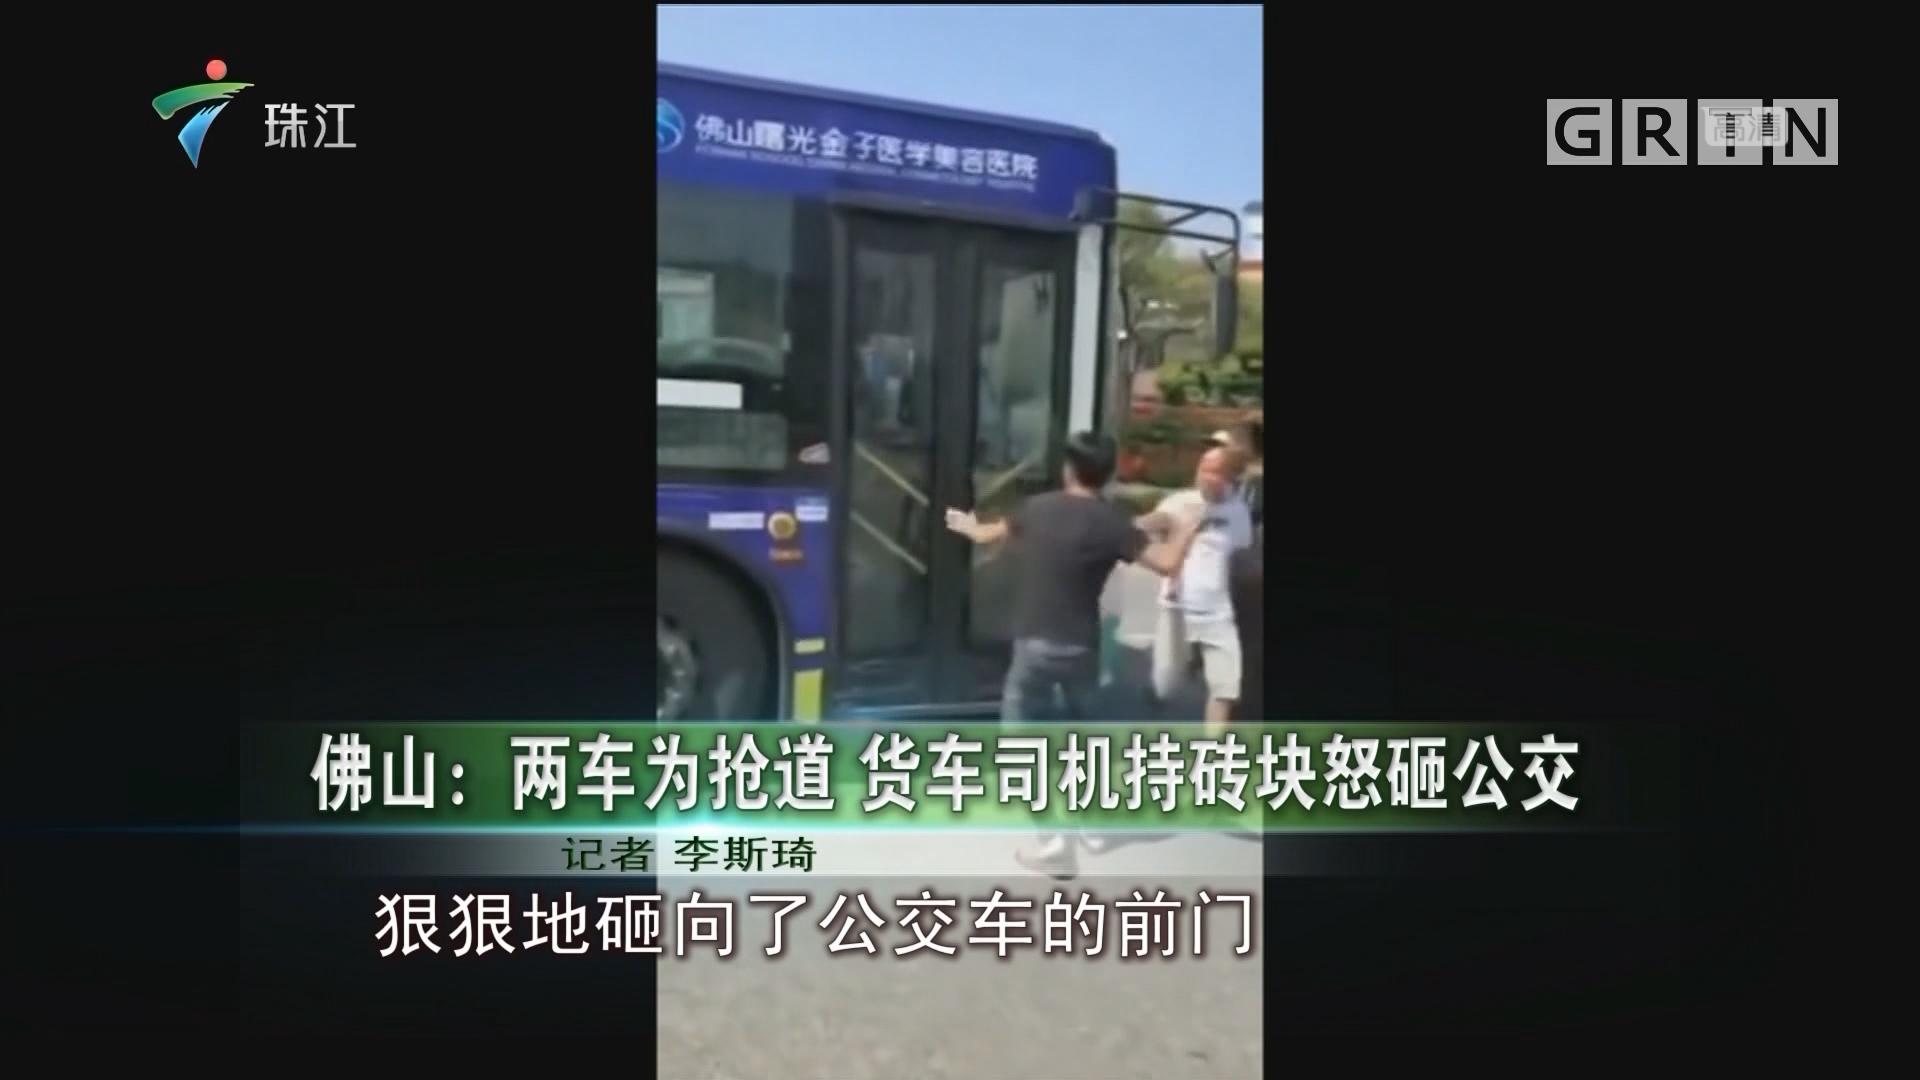 佛山:两车为抢道 货车司机持砖块怒砸公交